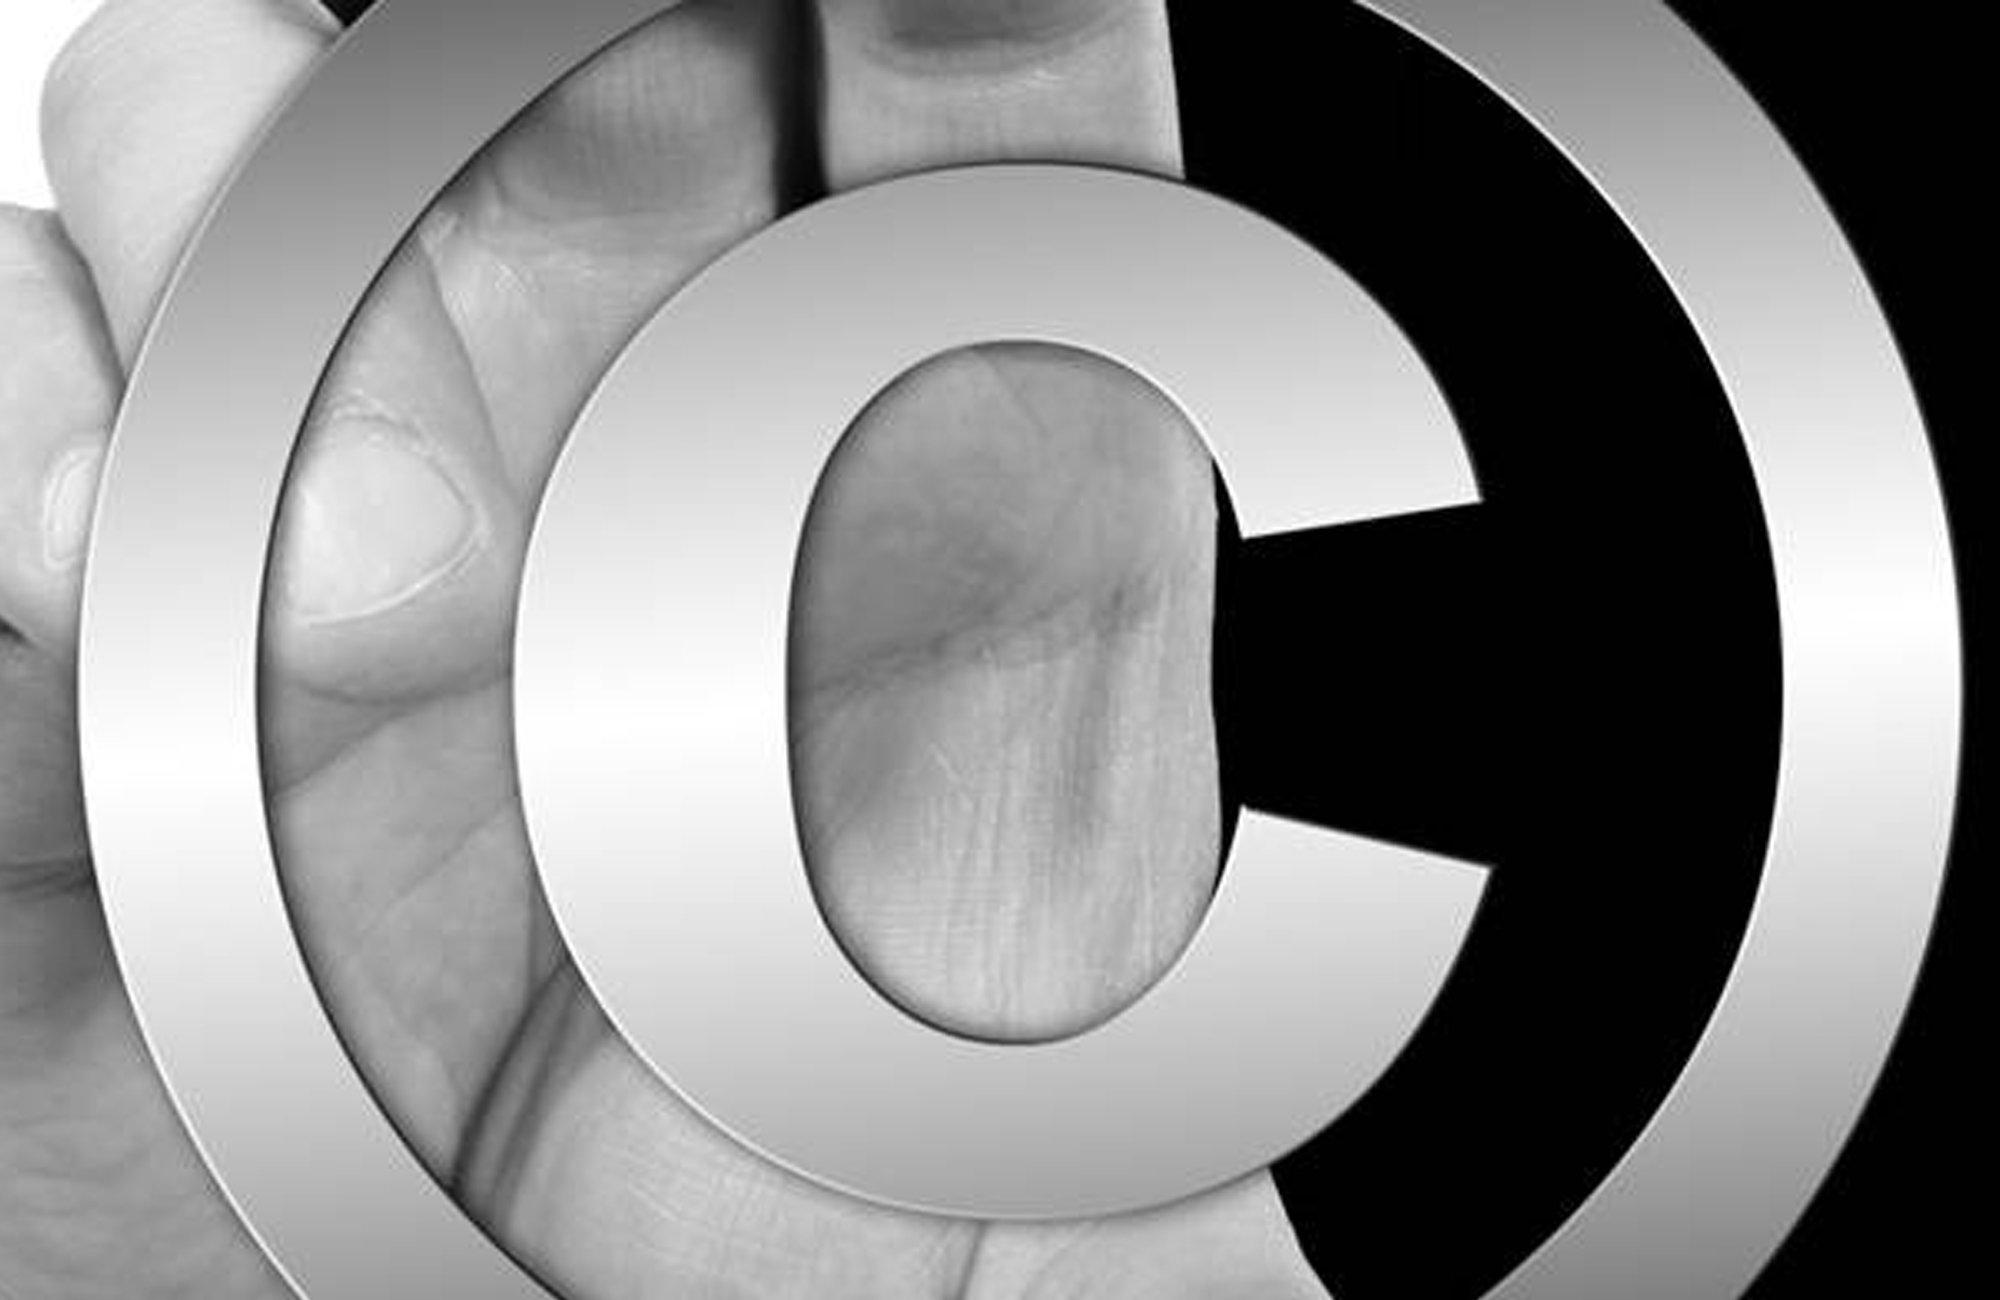 Ufficio Brevetti In Italia : Diritto d autore format televisivo ufficio brevetti marchi